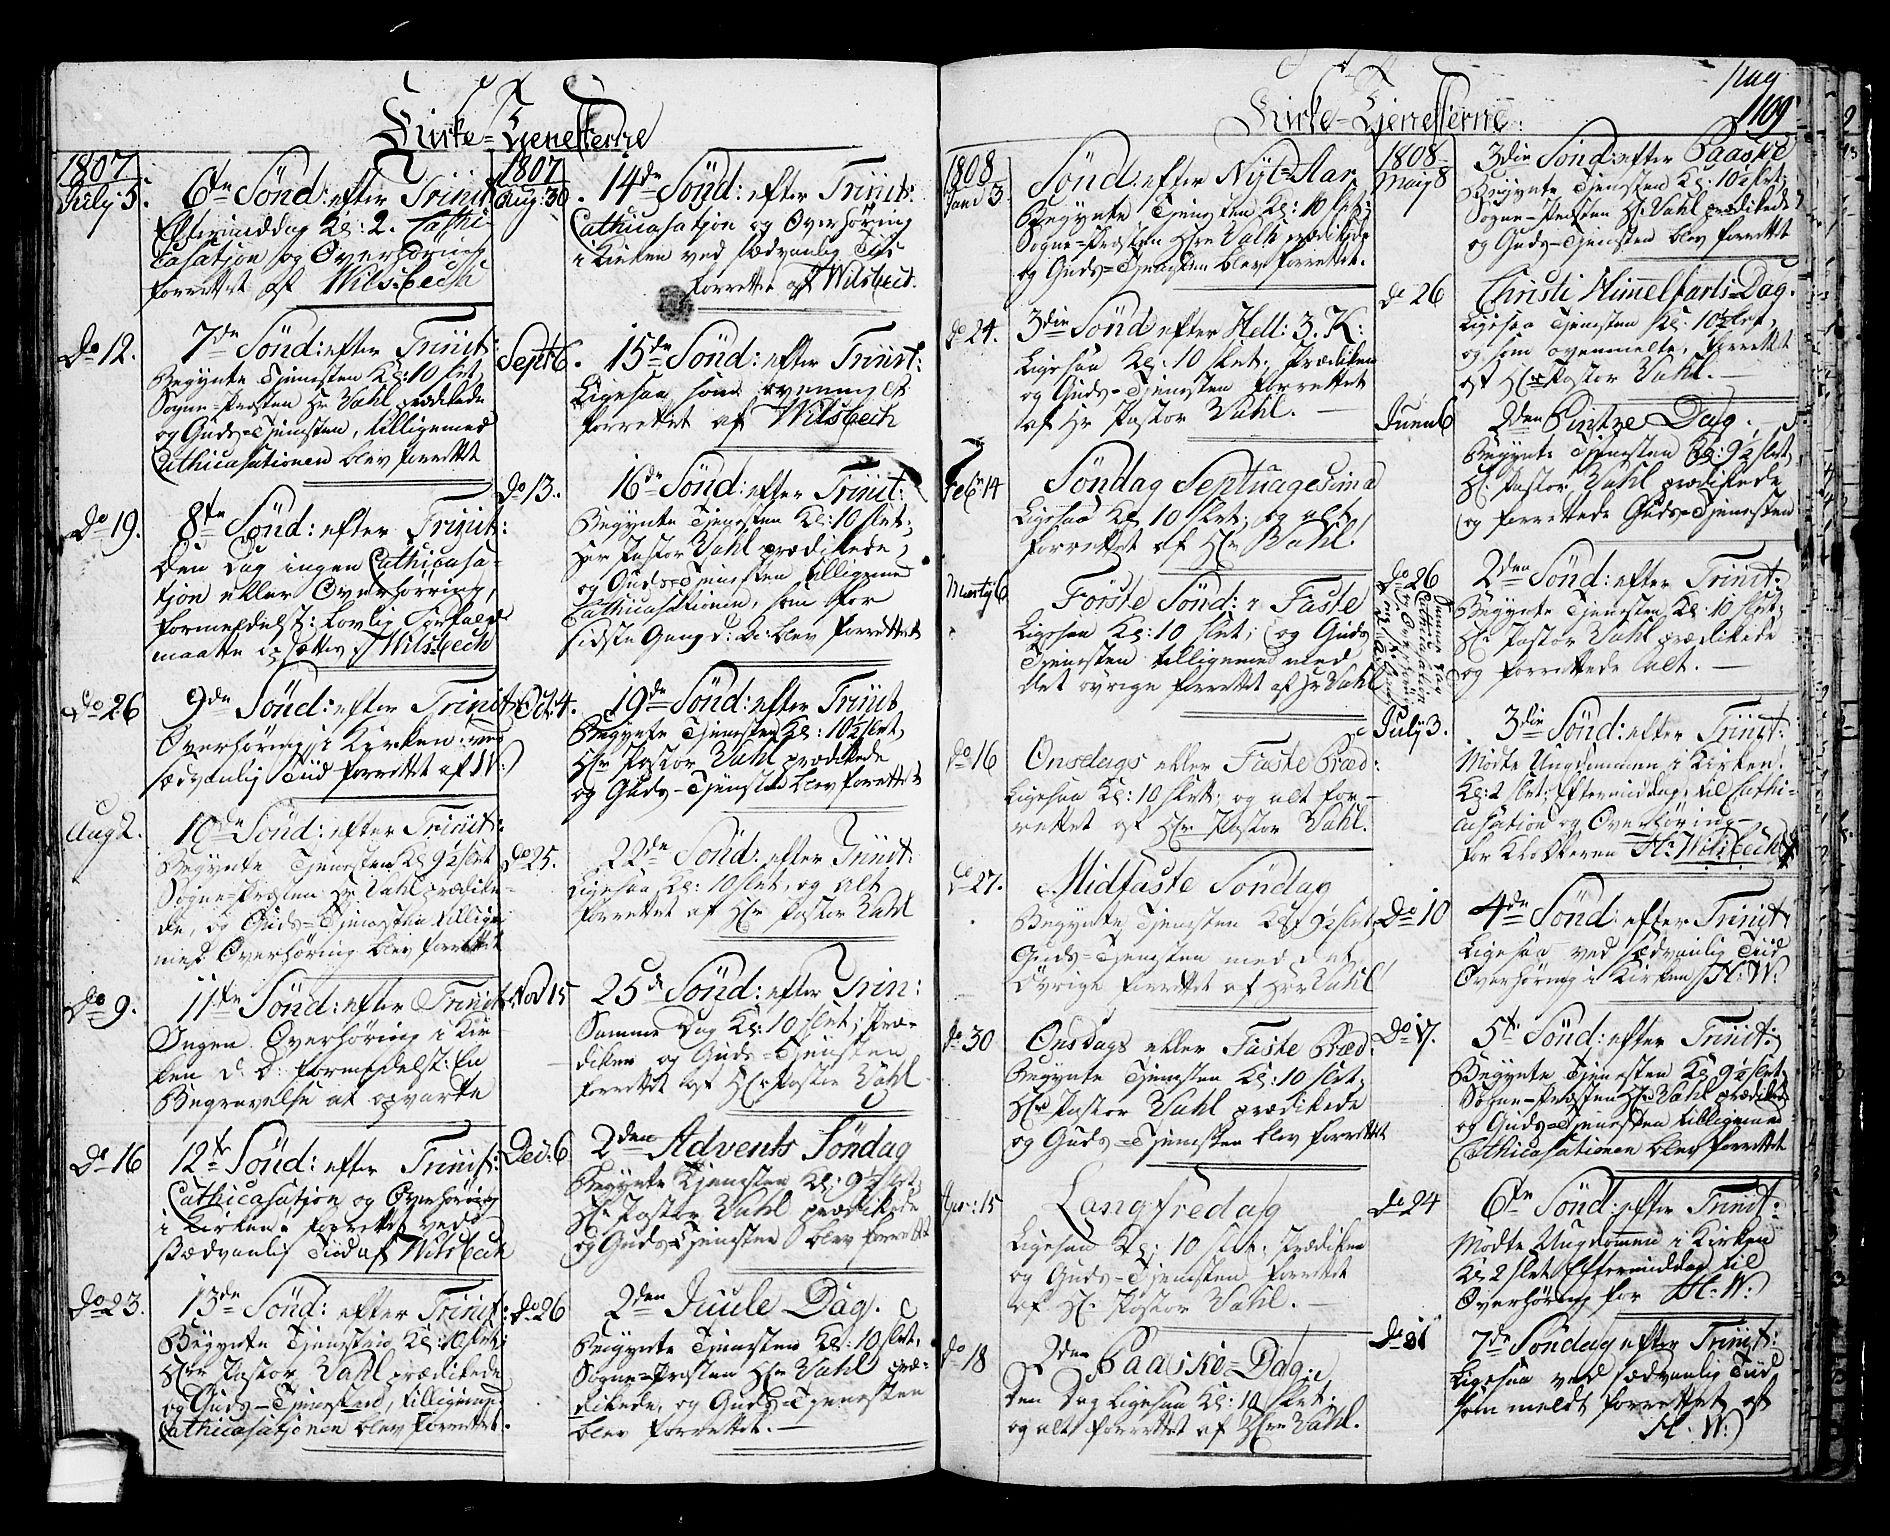 SAKO, Langesund kirkebøker, G/Ga/L0002: Klokkerbok nr. 2, 1801-1815, s. 109